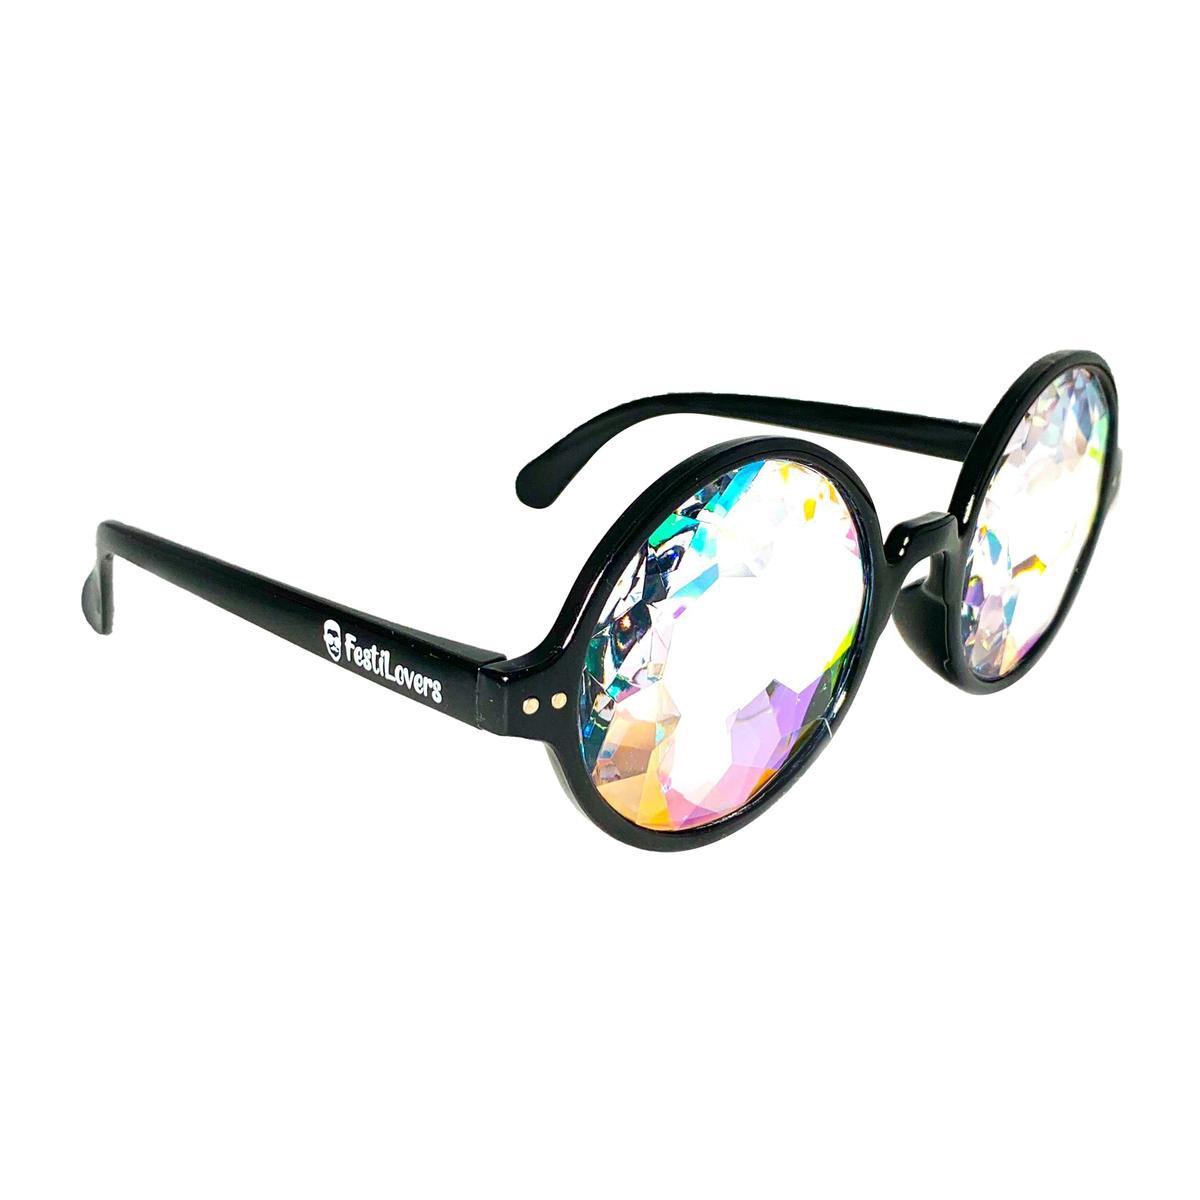 Space Black   Spacebril   Caleidoscoop Bril